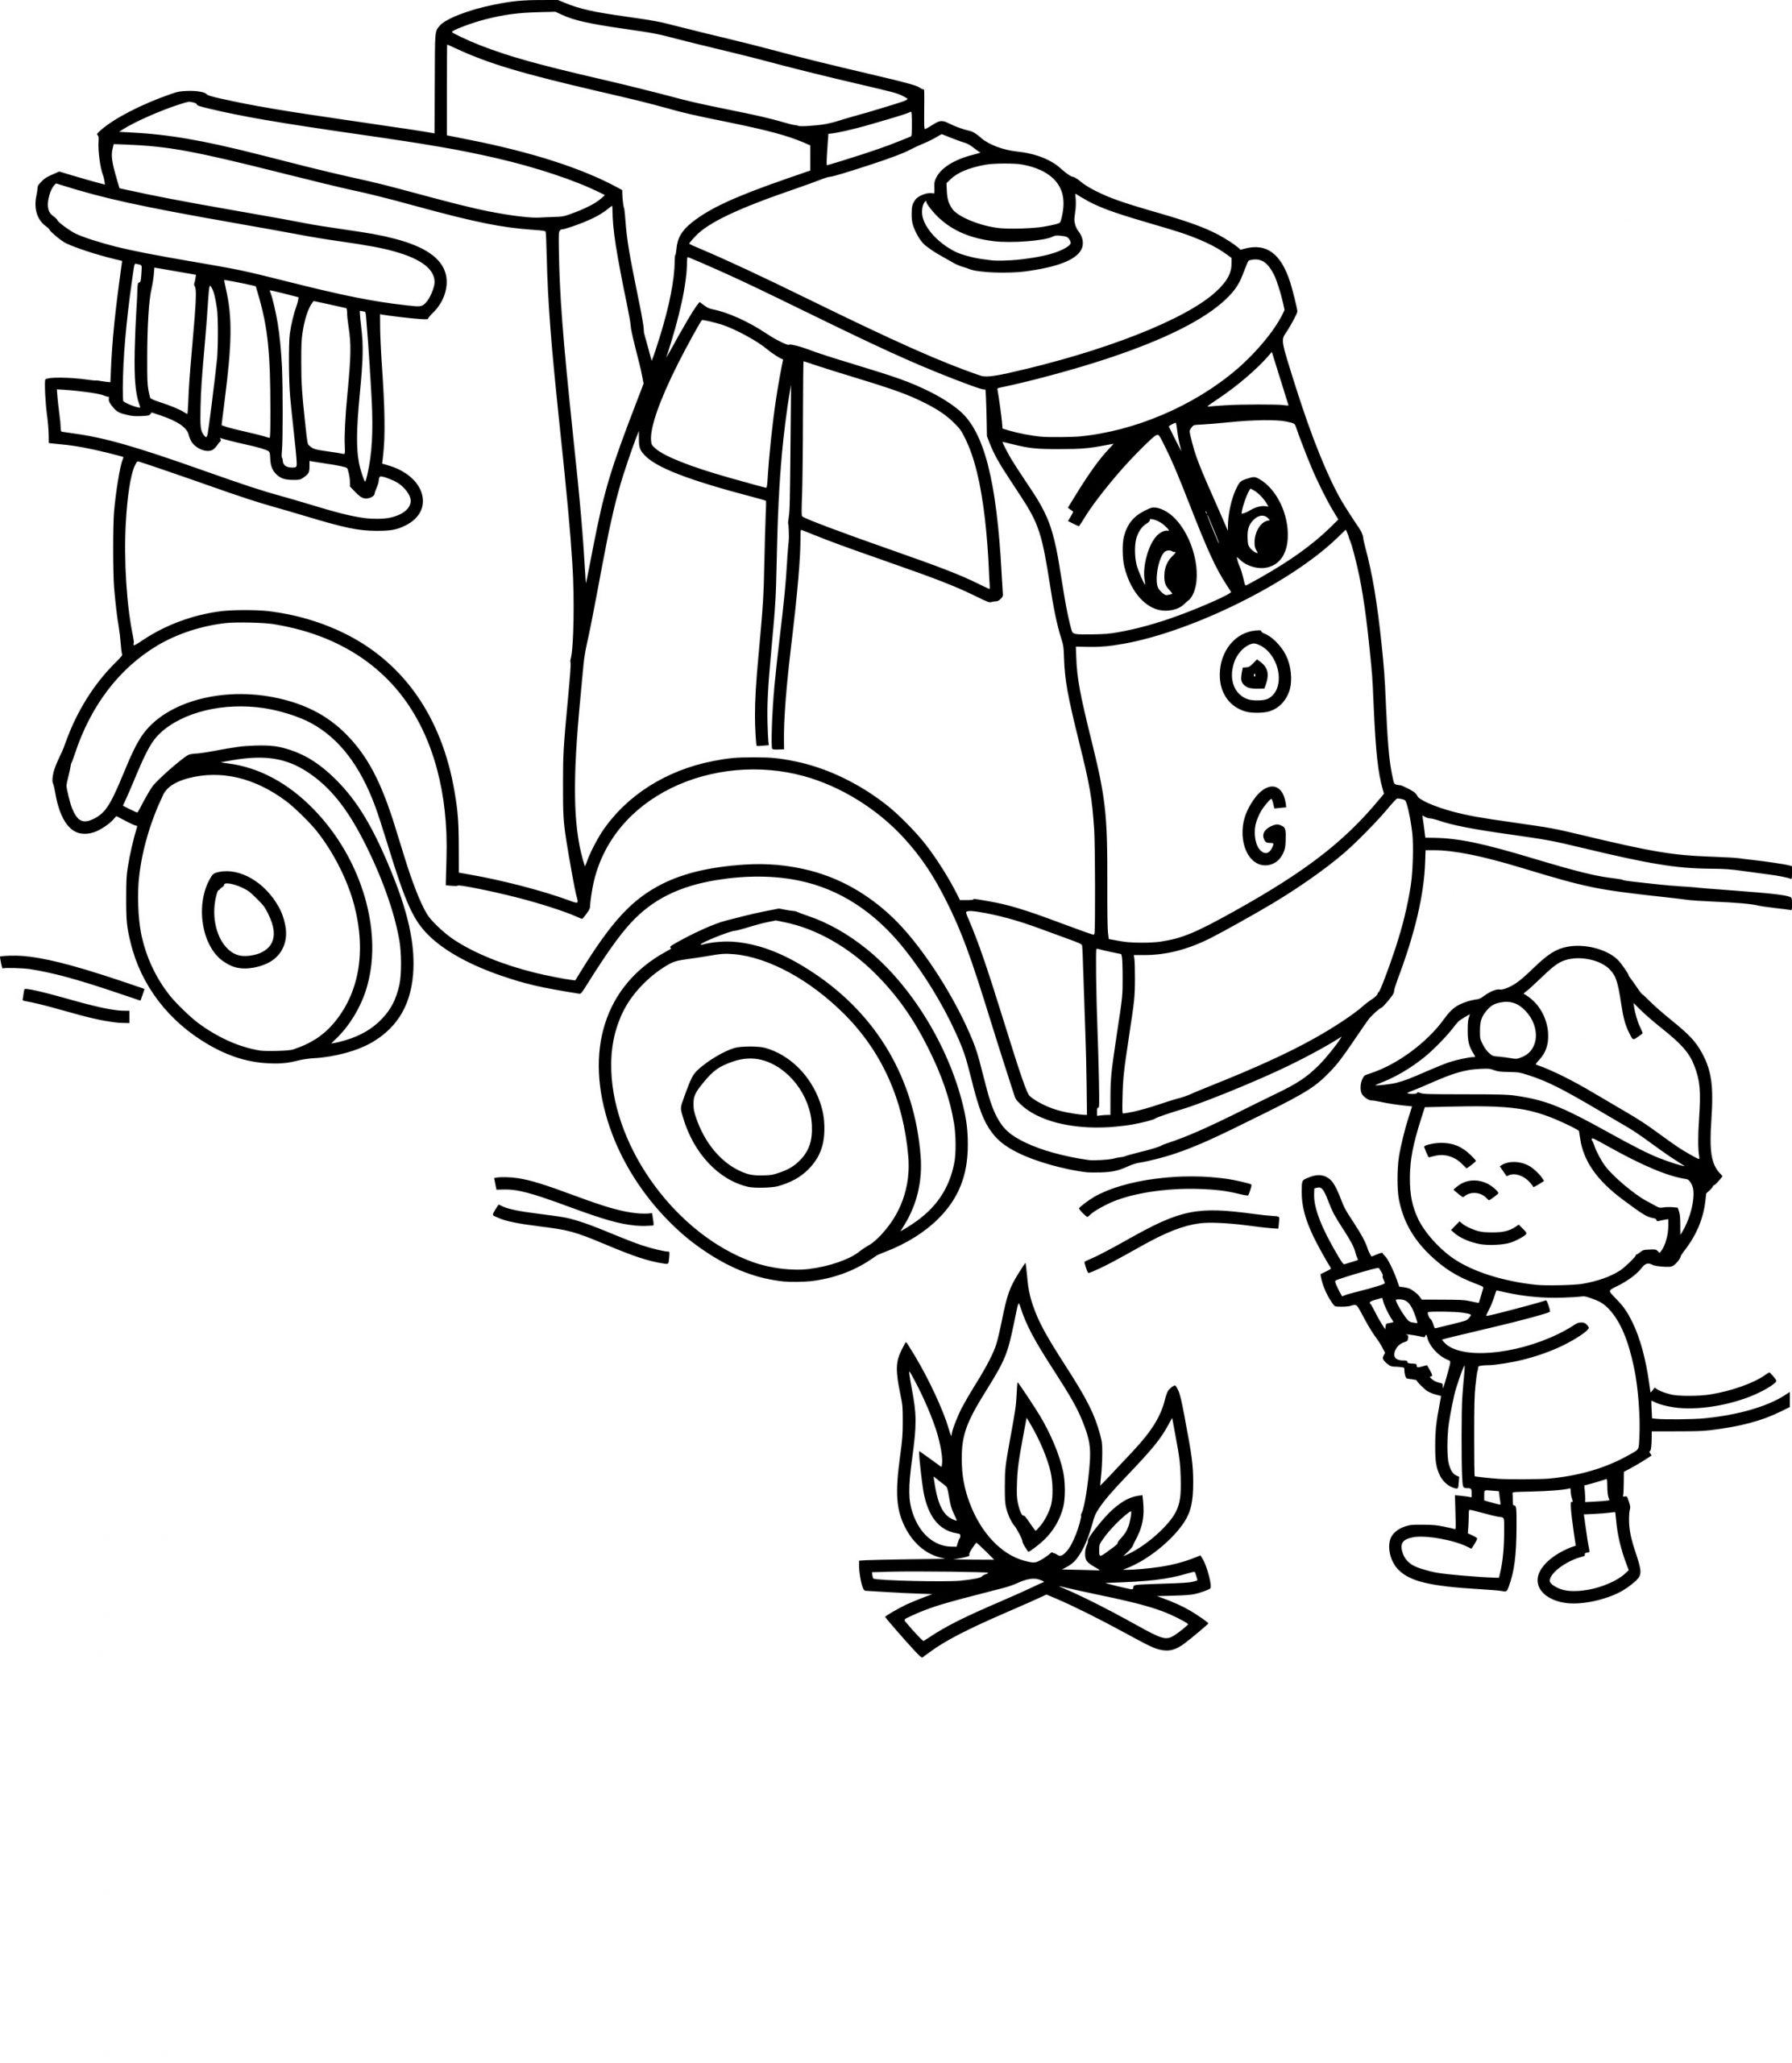 Coloriage Camion Pompier Dessin À Imprimer Sur Coloriages encequiconcerne Coloriage Pompier A Imprimer Gratuit